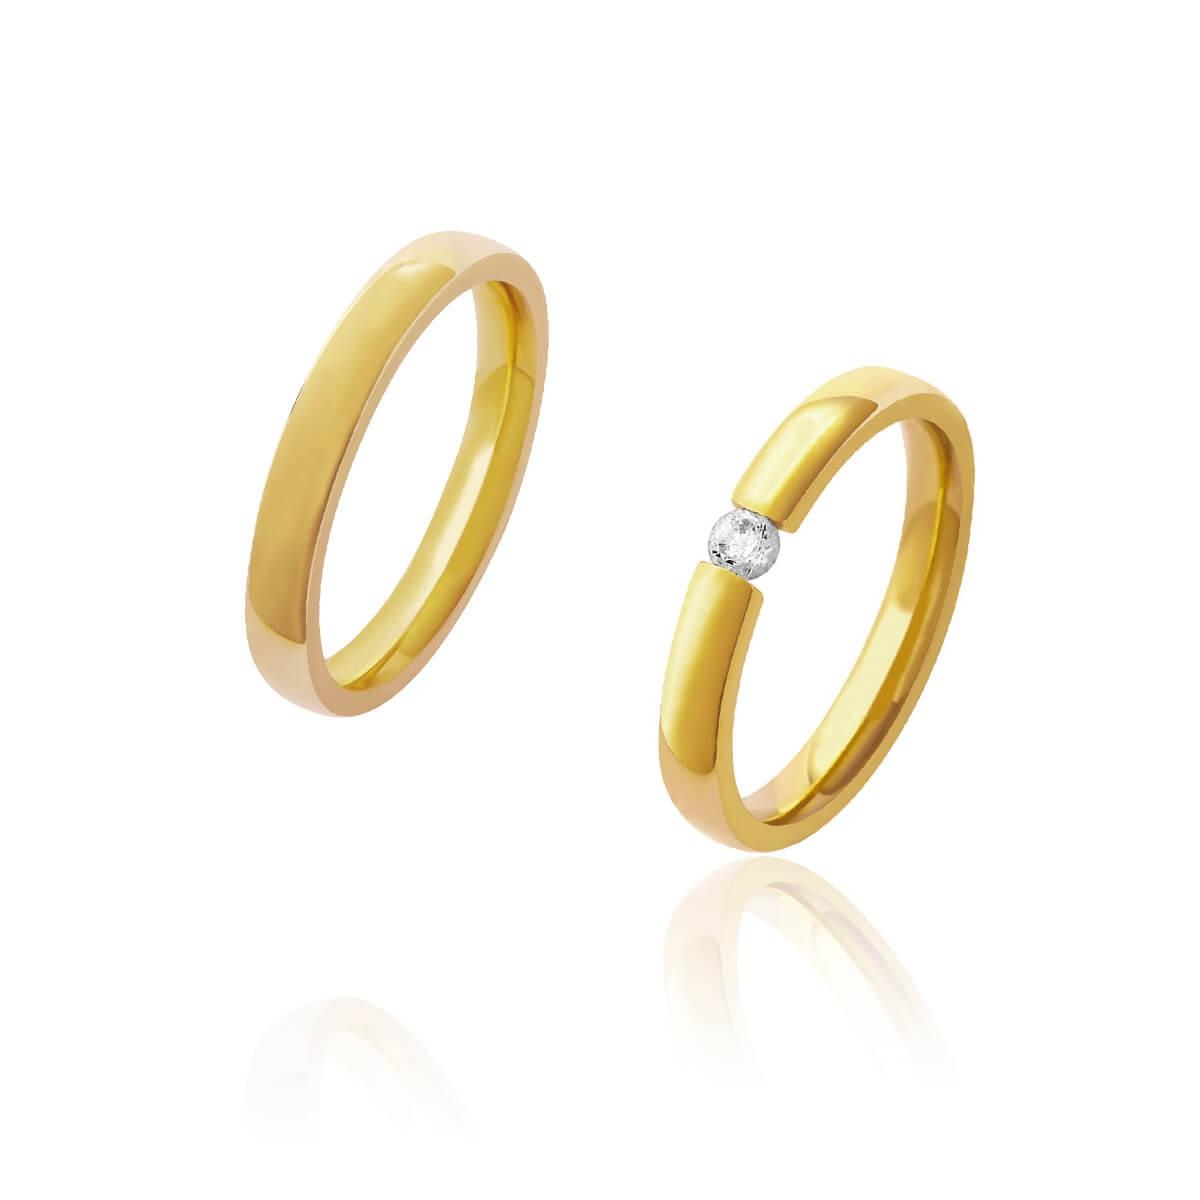 Par de Alianças de Casamento Afrodite Ouro 18k com Brilhante Central 3,2mm 6 g